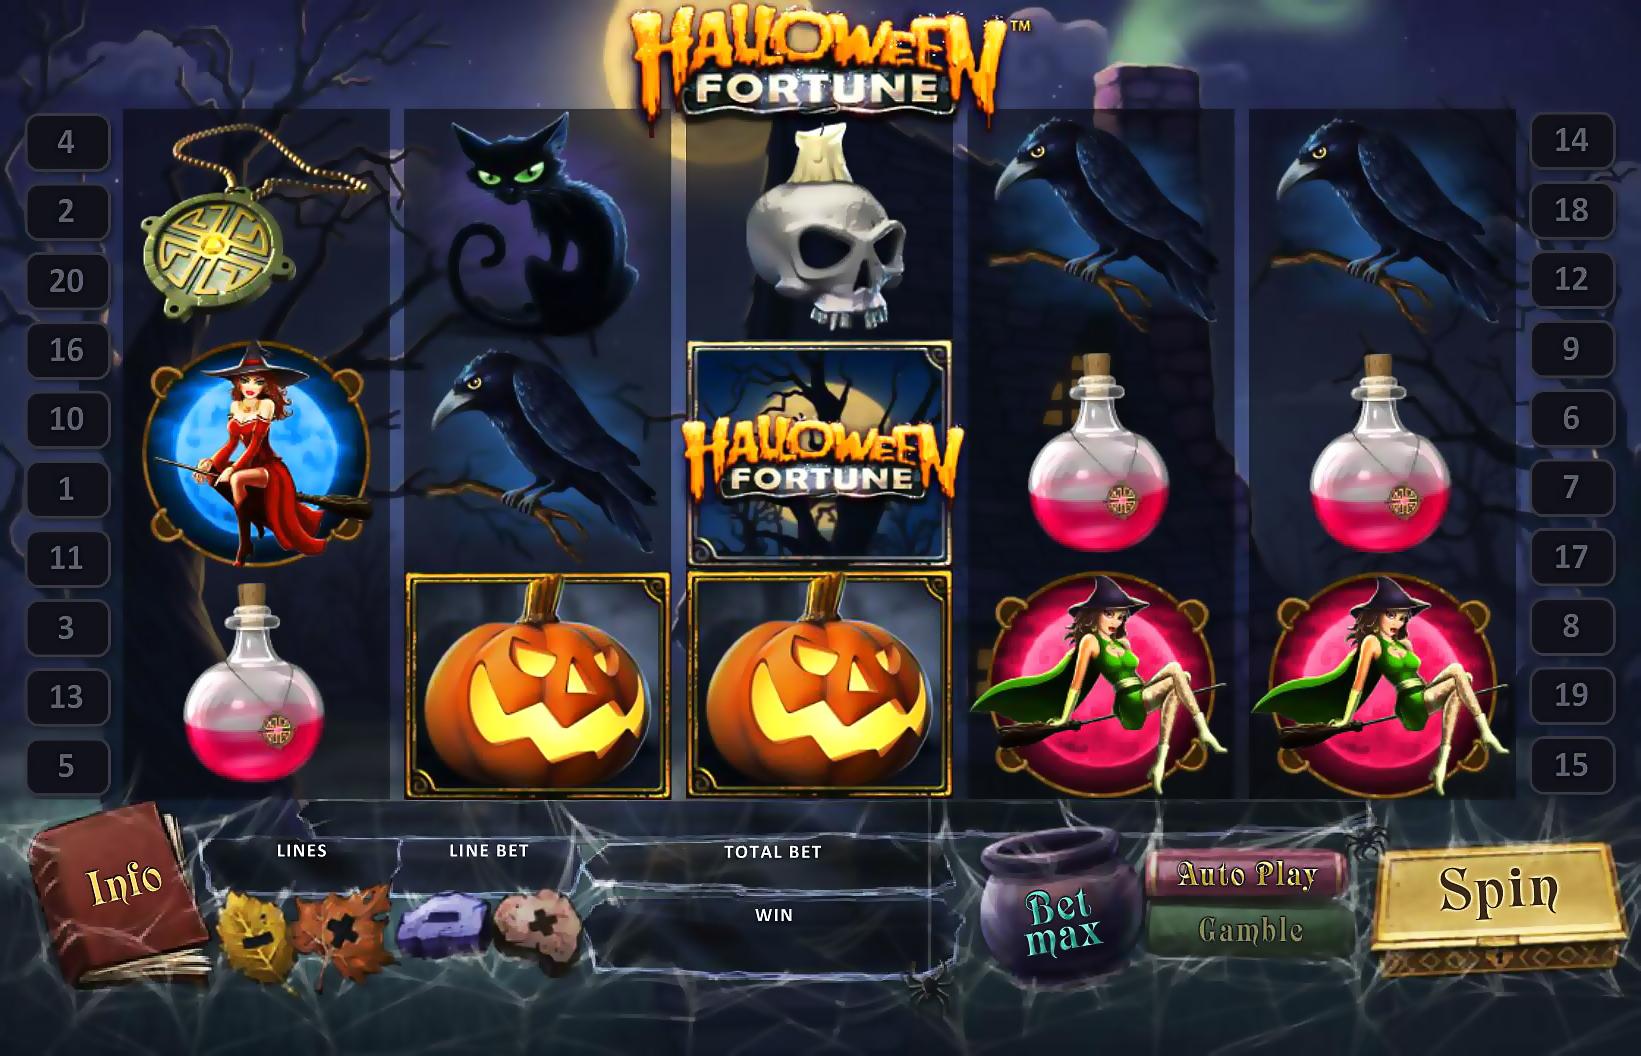 Игровые автоматы играть хэллоуин дея игровые автоматы